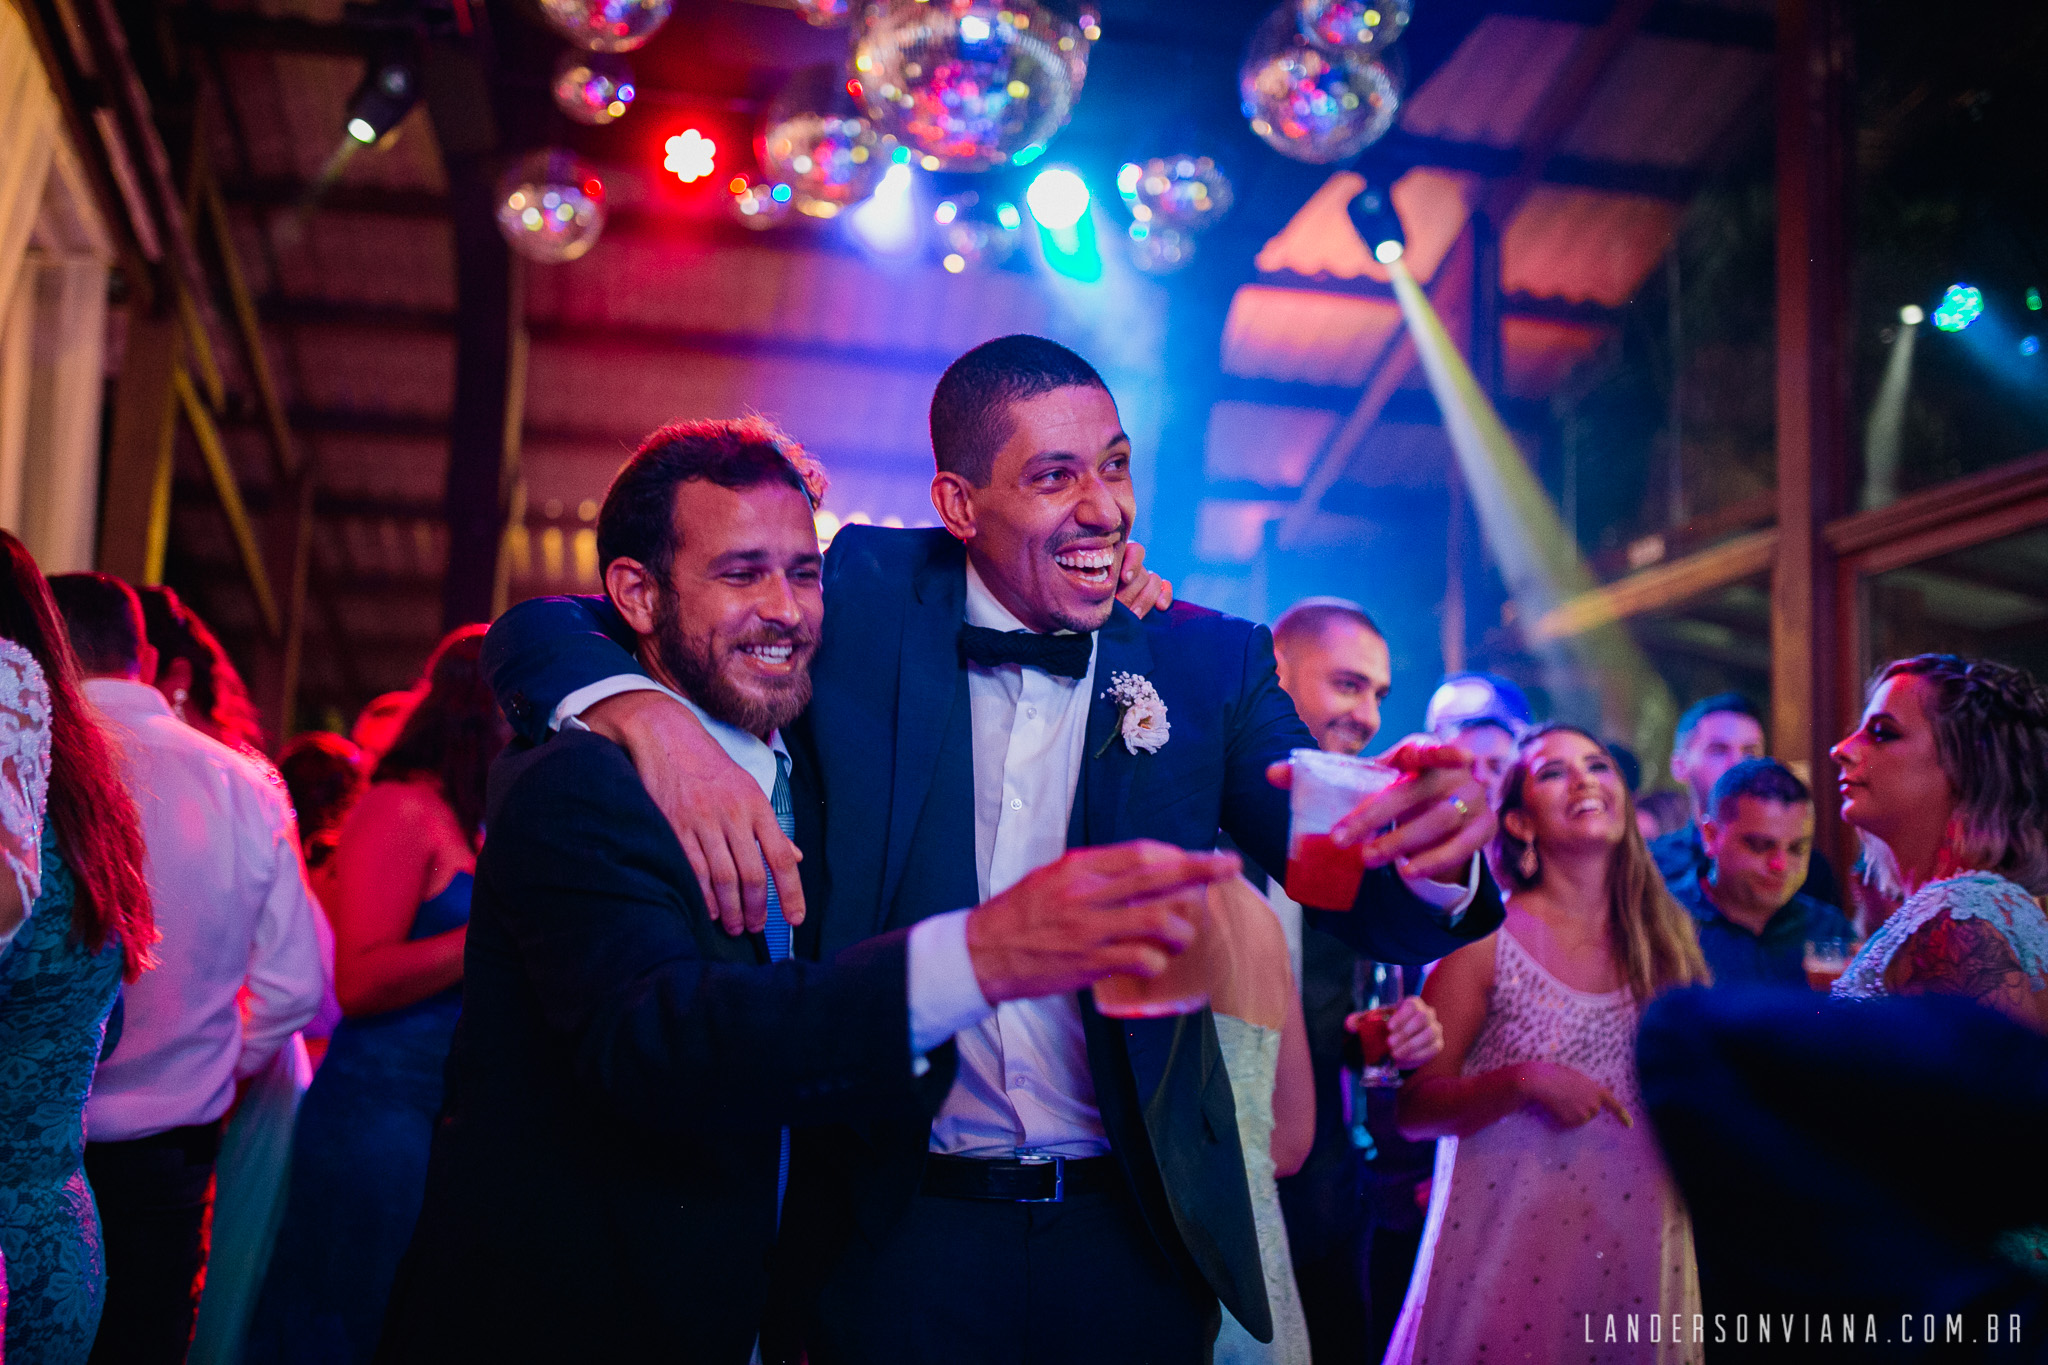 casamento_ar_livre_festa_jessica_raphael-40.jpg